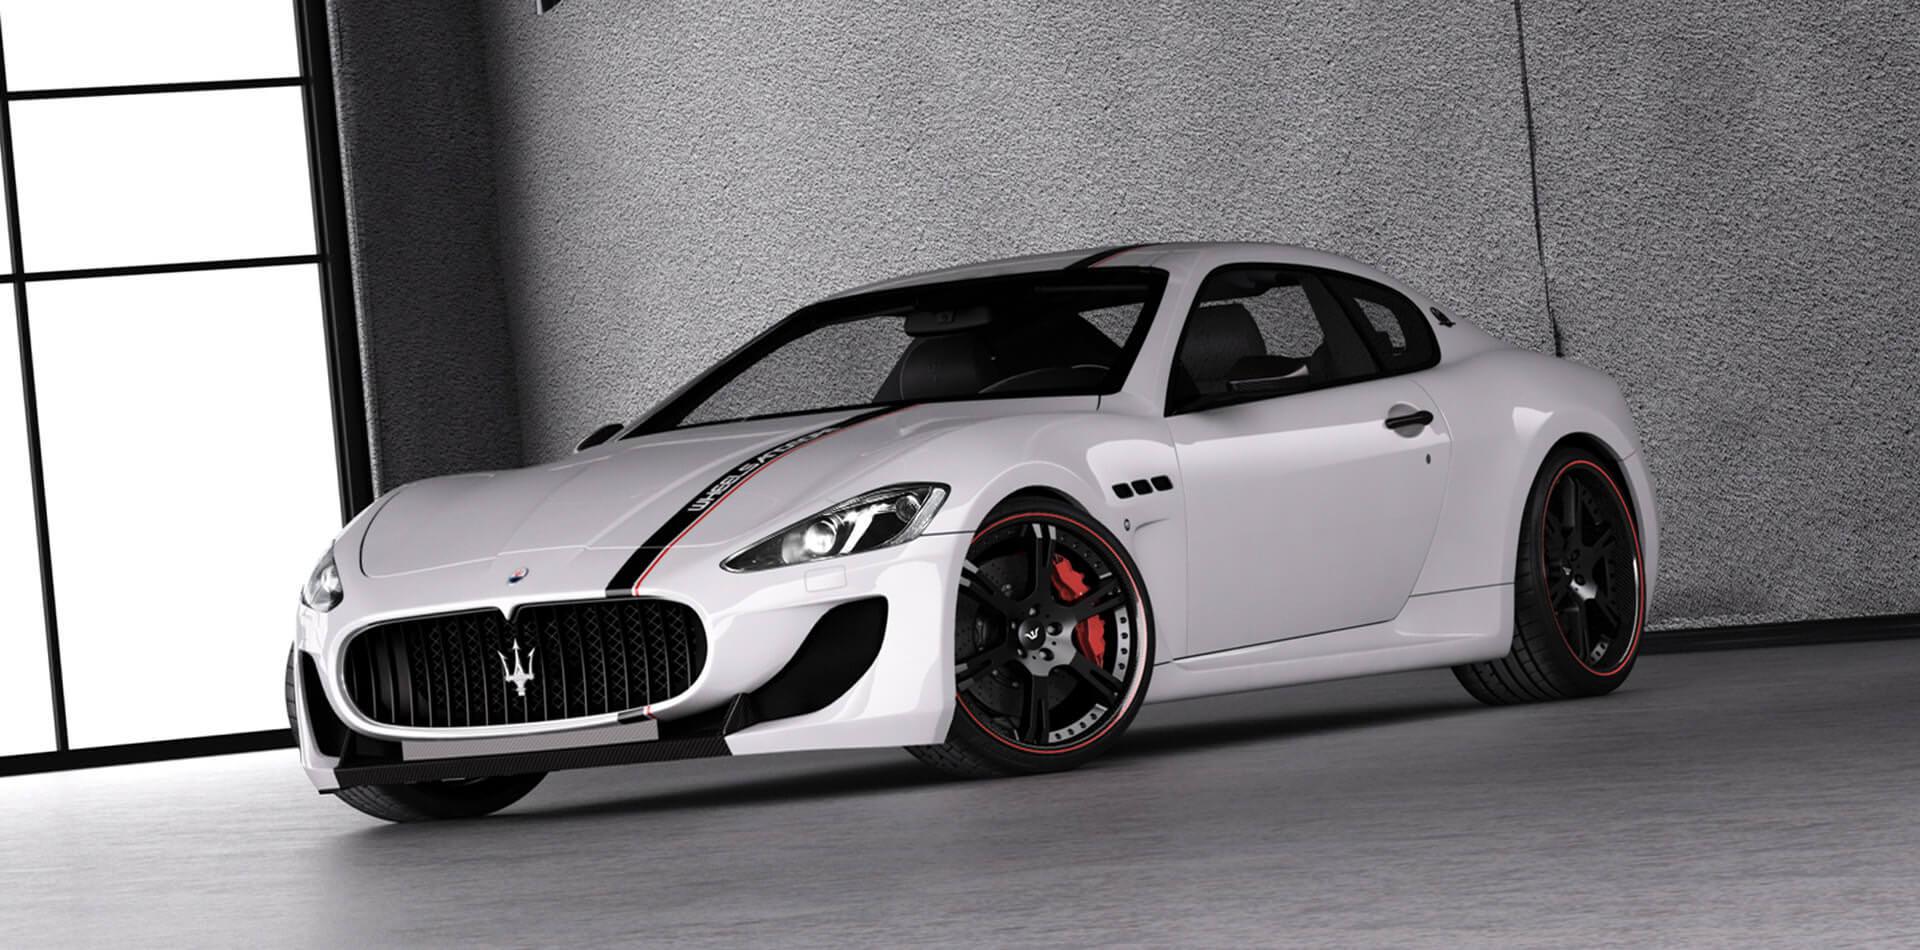 21_Zoll_Felgen_Maserati-1